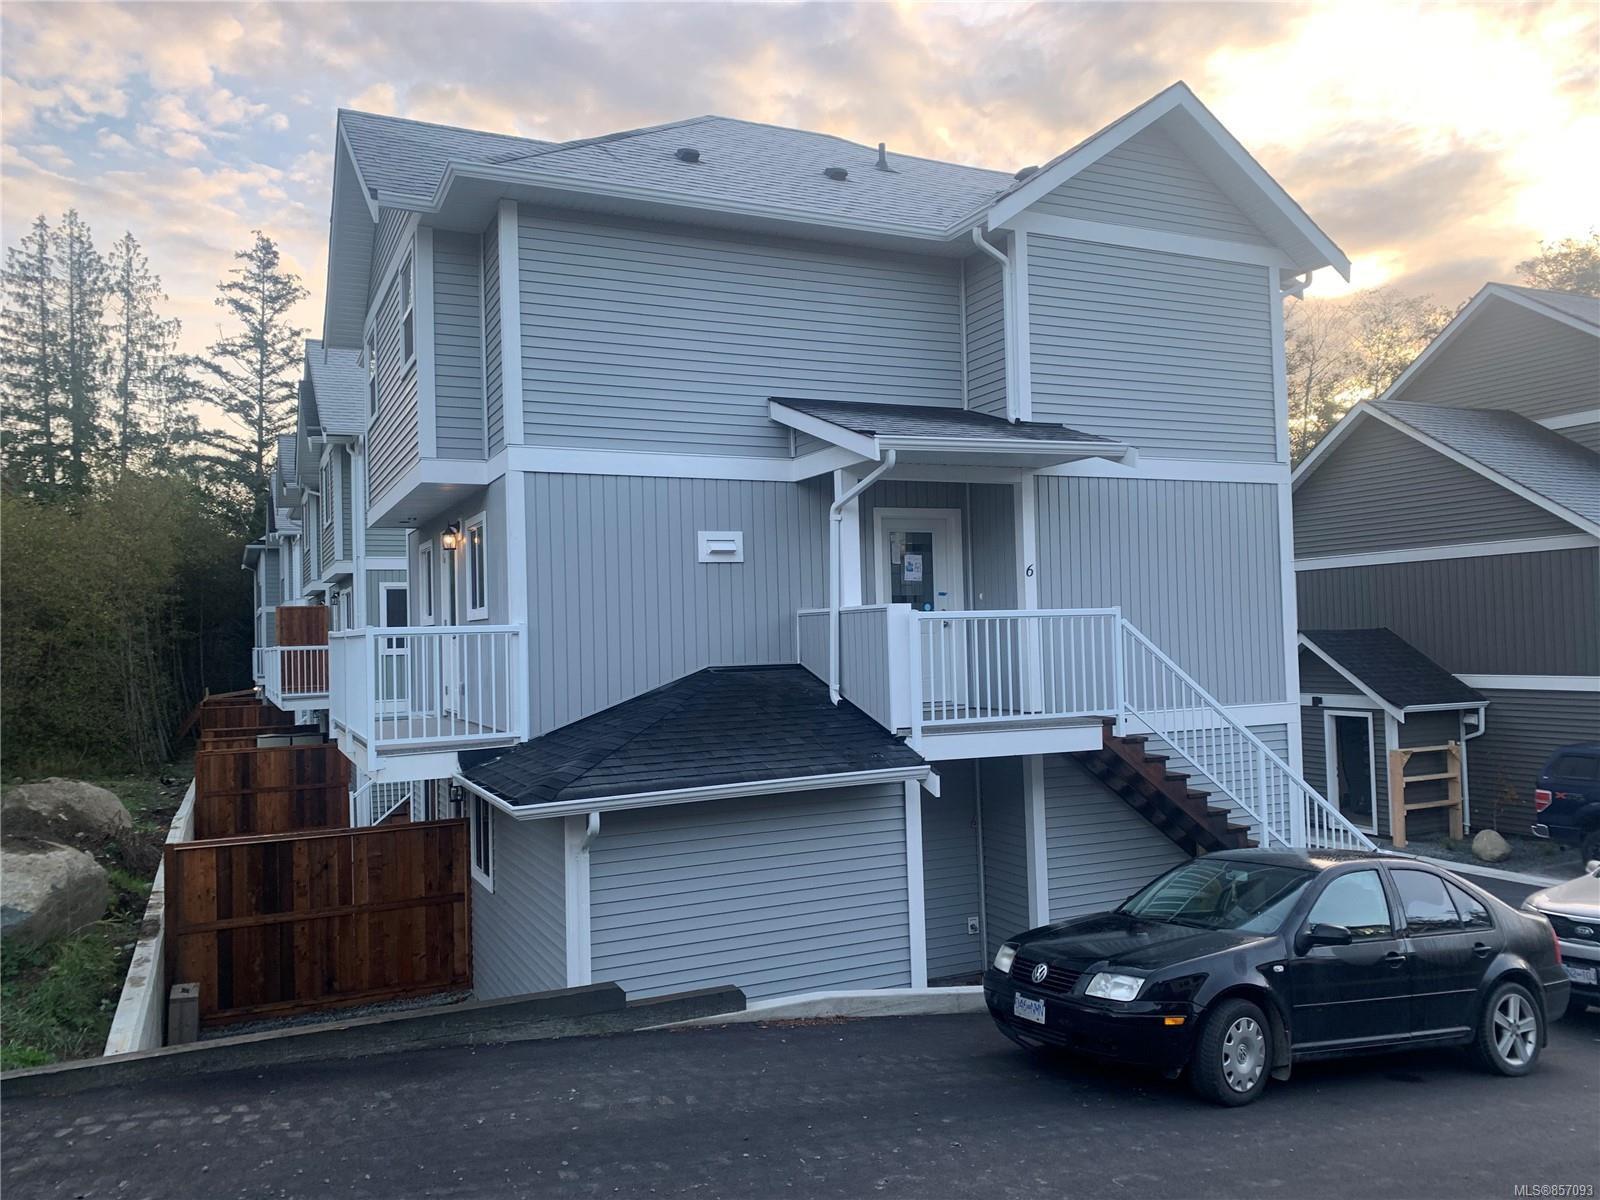 Main Photo: 6 6790 W Grant Rd in : Sk Sooke Vill Core Row/Townhouse for sale (Sooke)  : MLS®# 857093